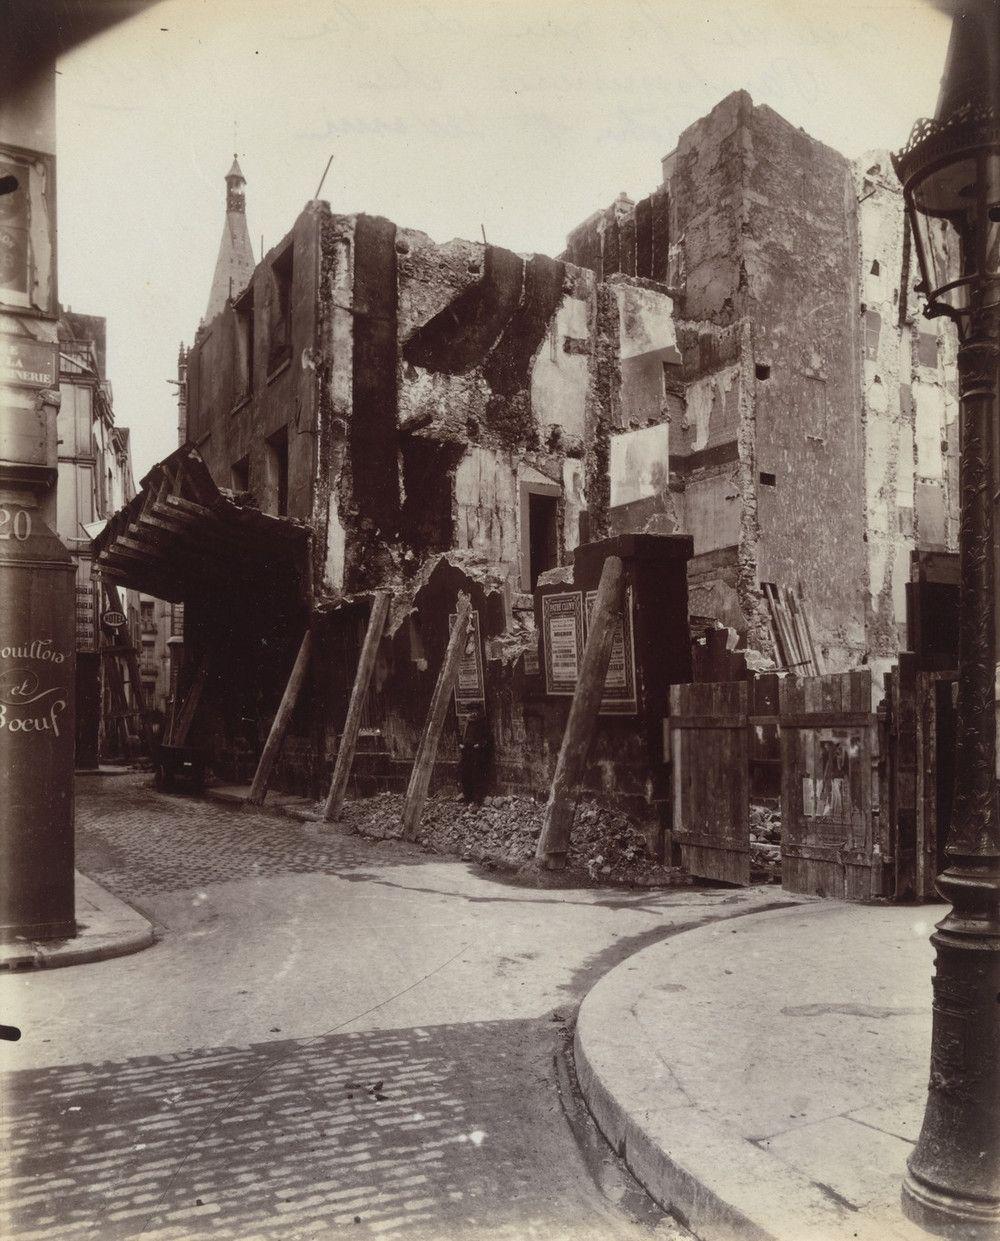 Старый Париж в фотографиях Эжена Атже | Старый париж ...